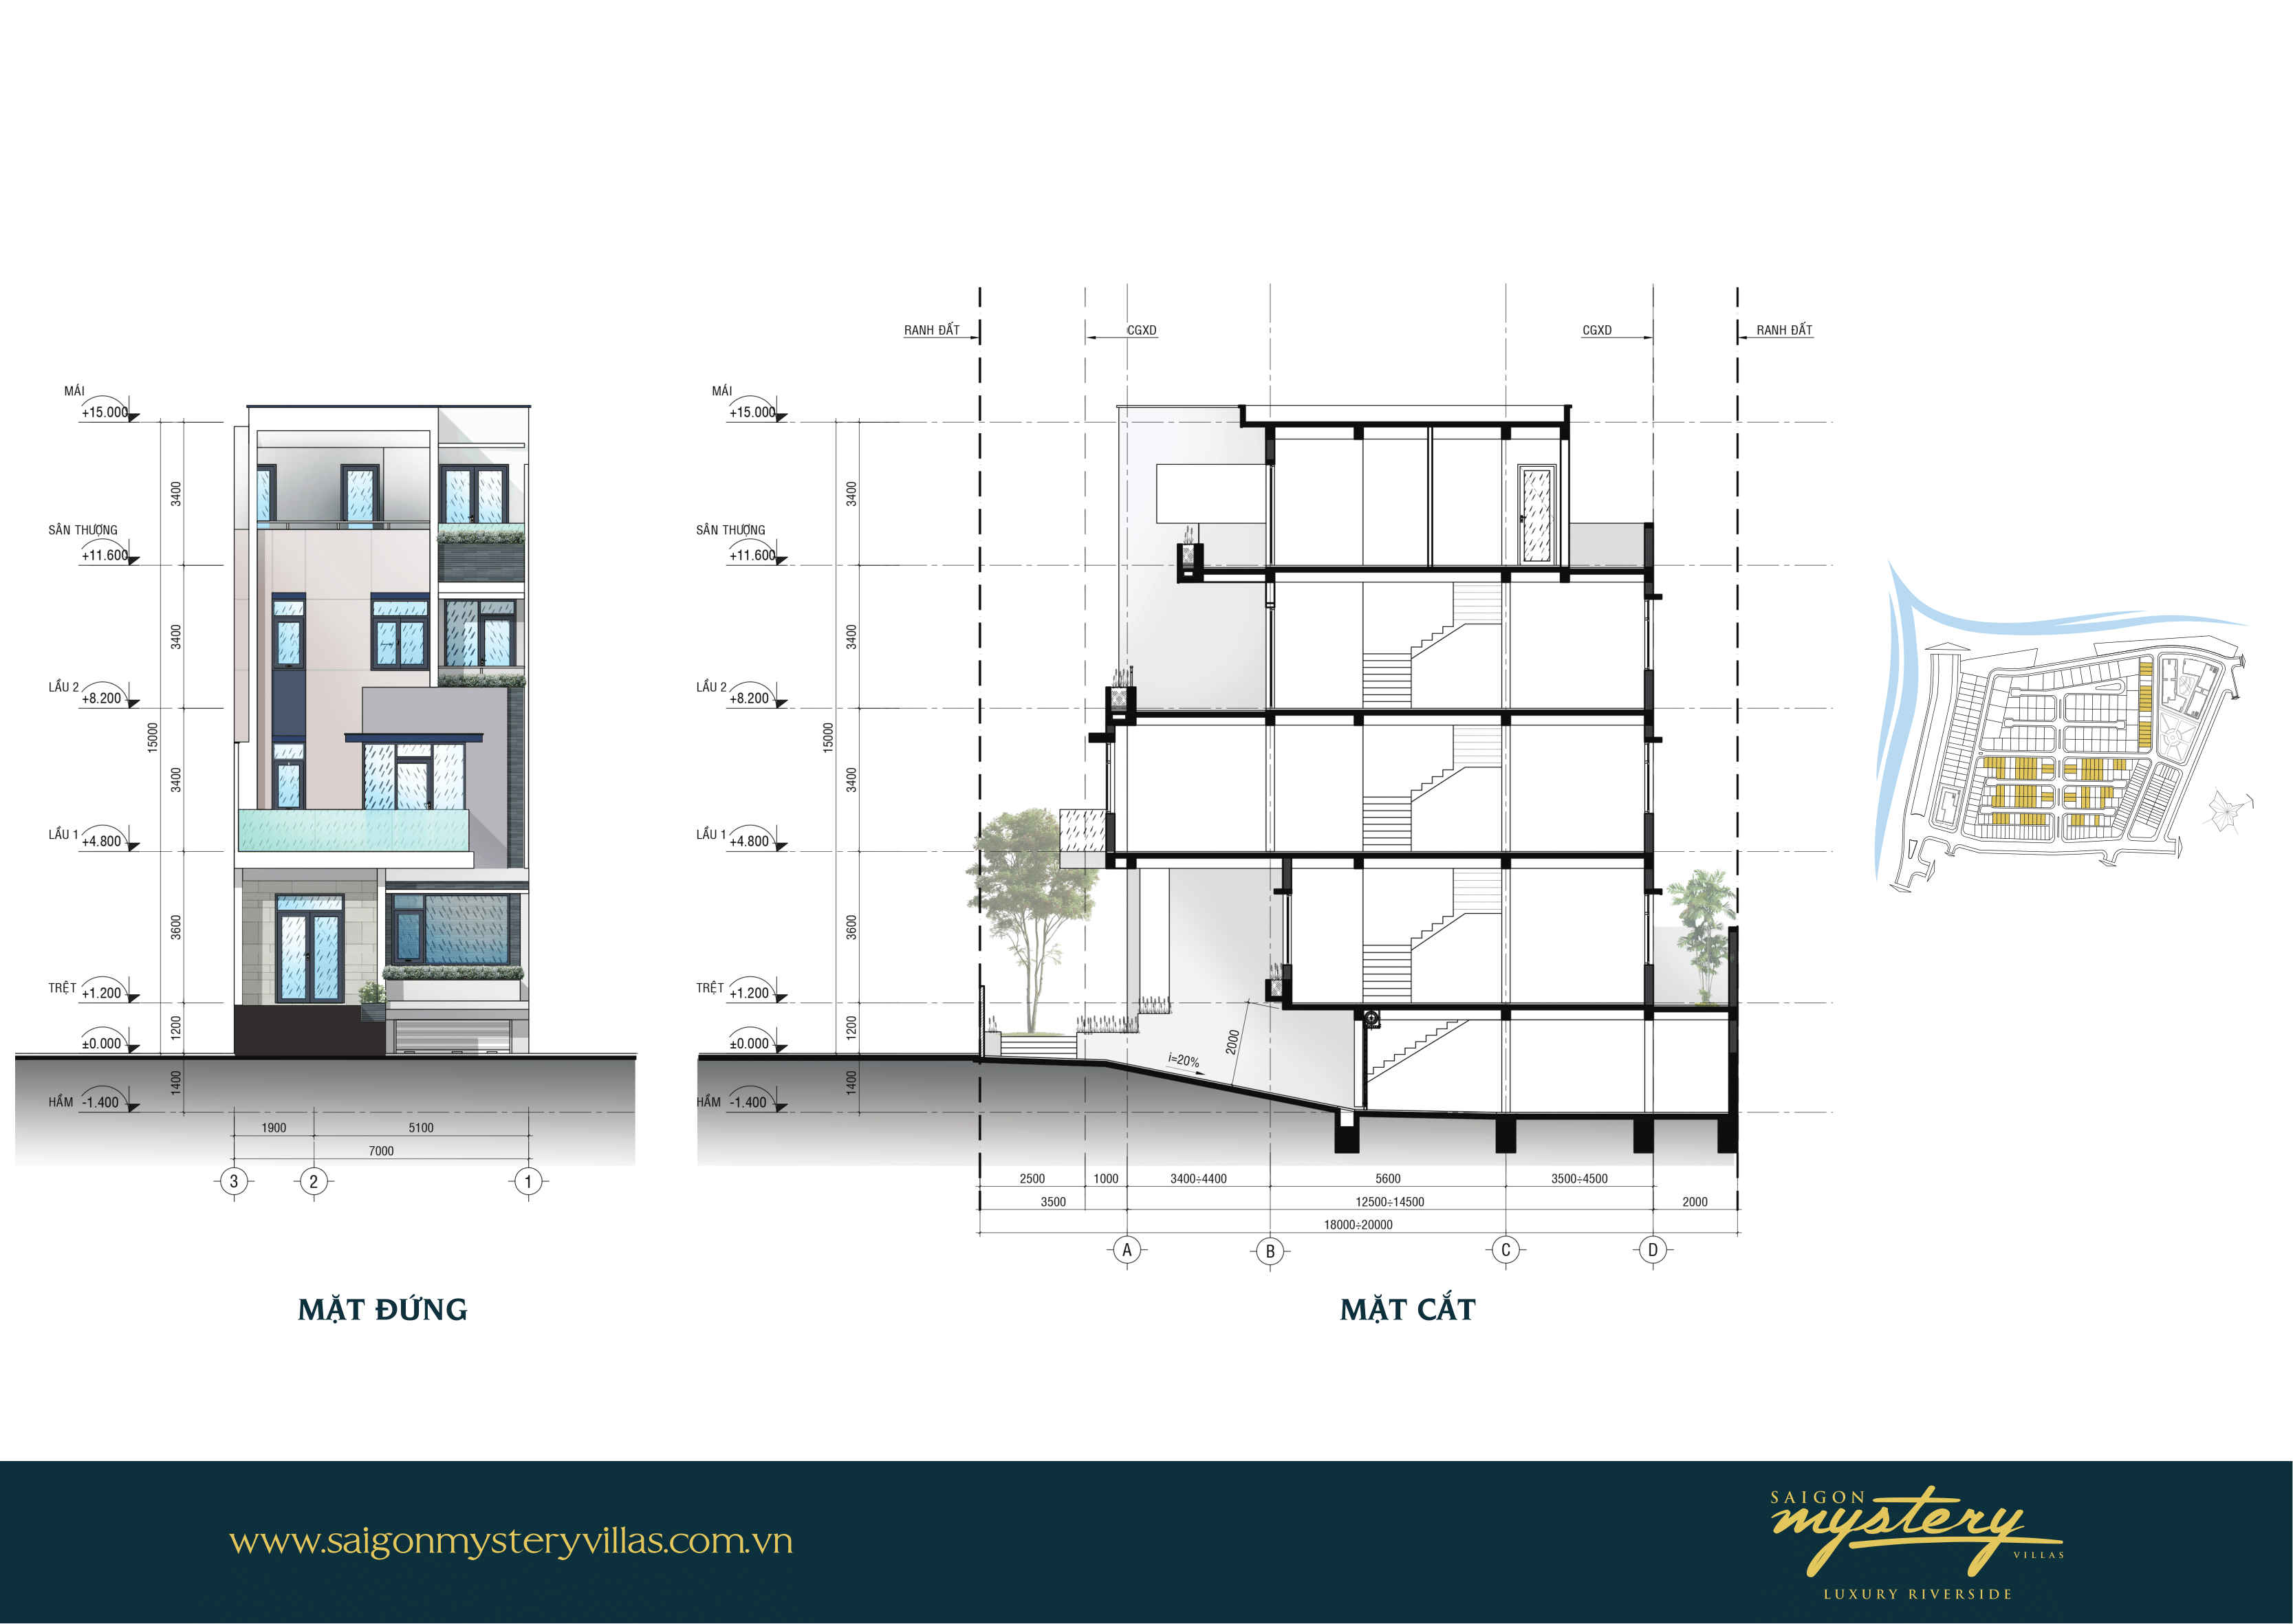 Mẫu nhà phố liên kế LK-M01 Saigon Mystery Villas Quận 2